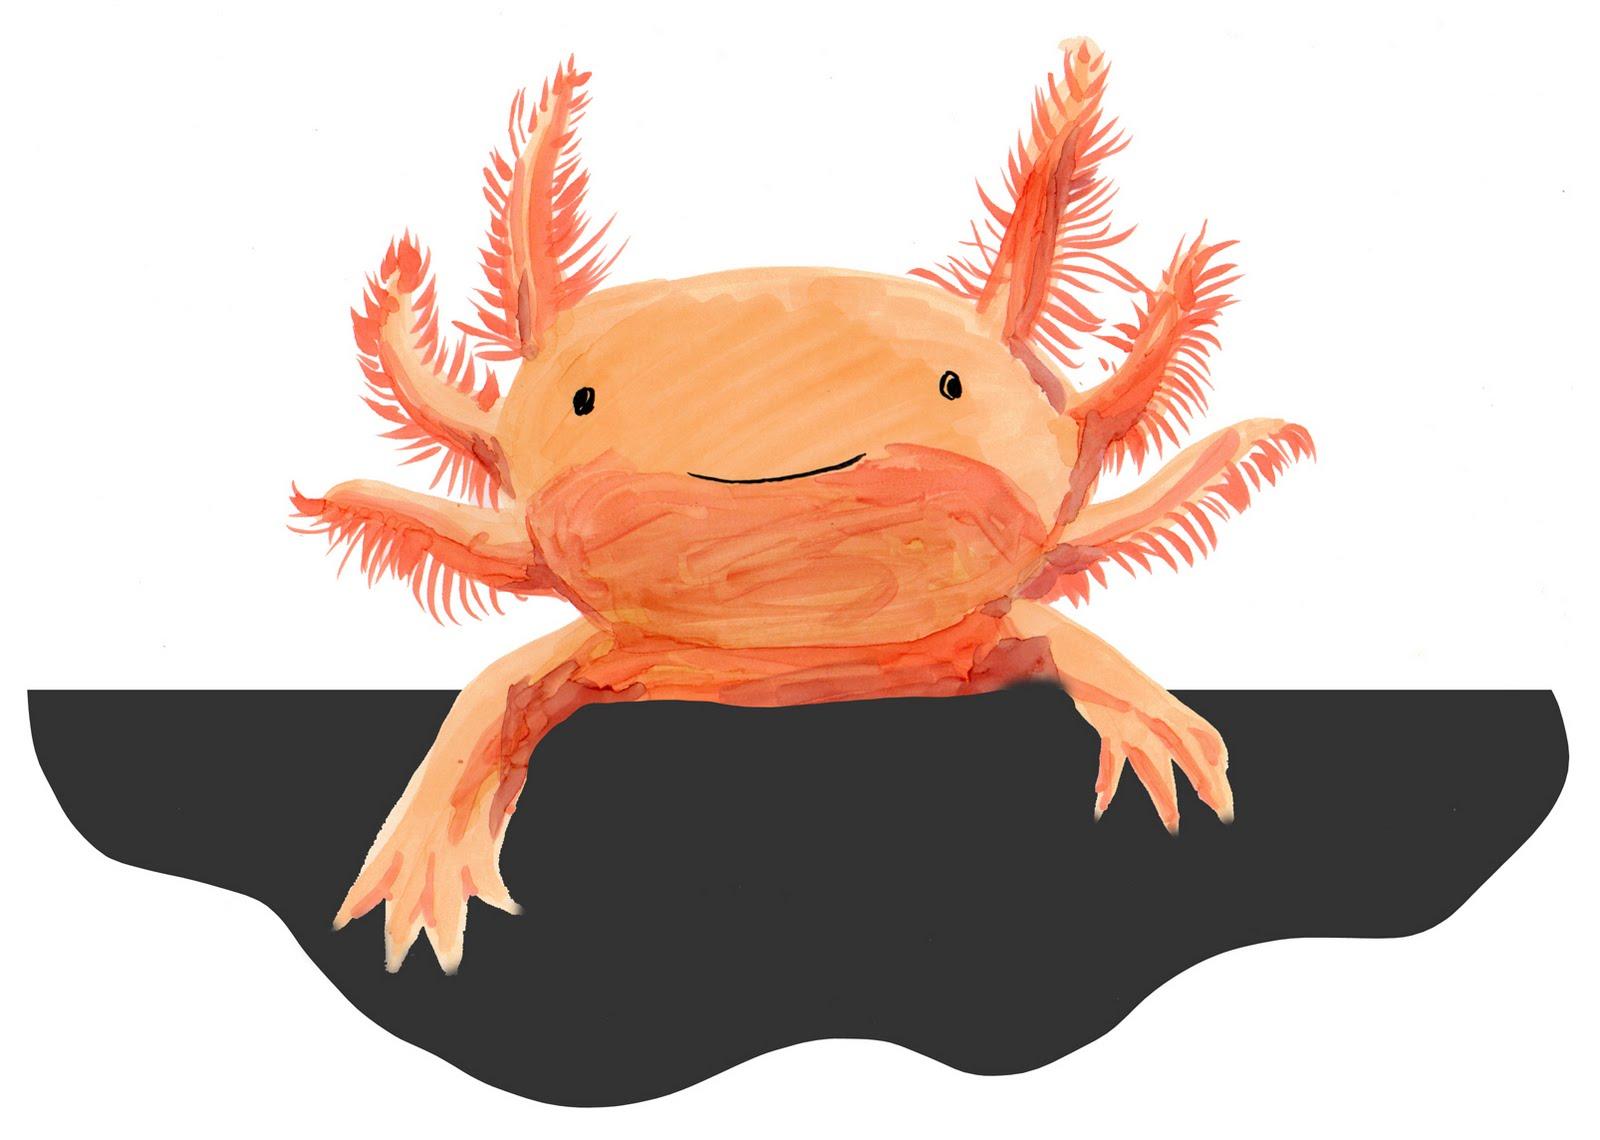 Axolotl clipart amphibian Axolotl Illustration Axolotl illustration photo#3